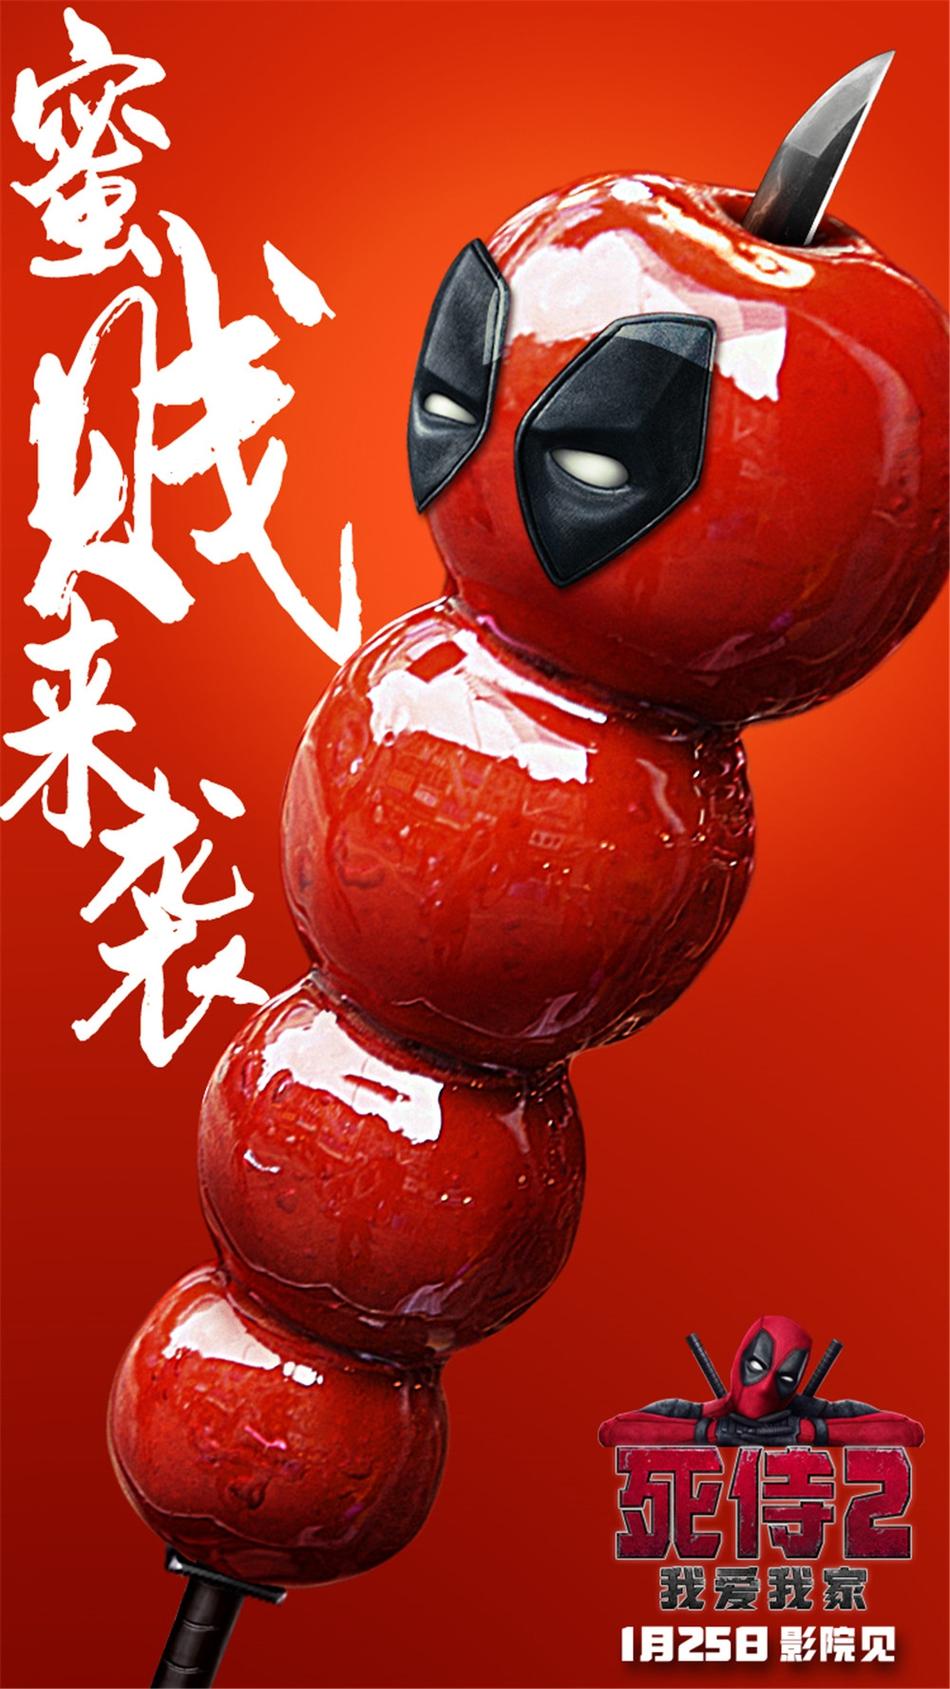 不违和!《死侍2》中国风海报小贱贱化身糖葫芦